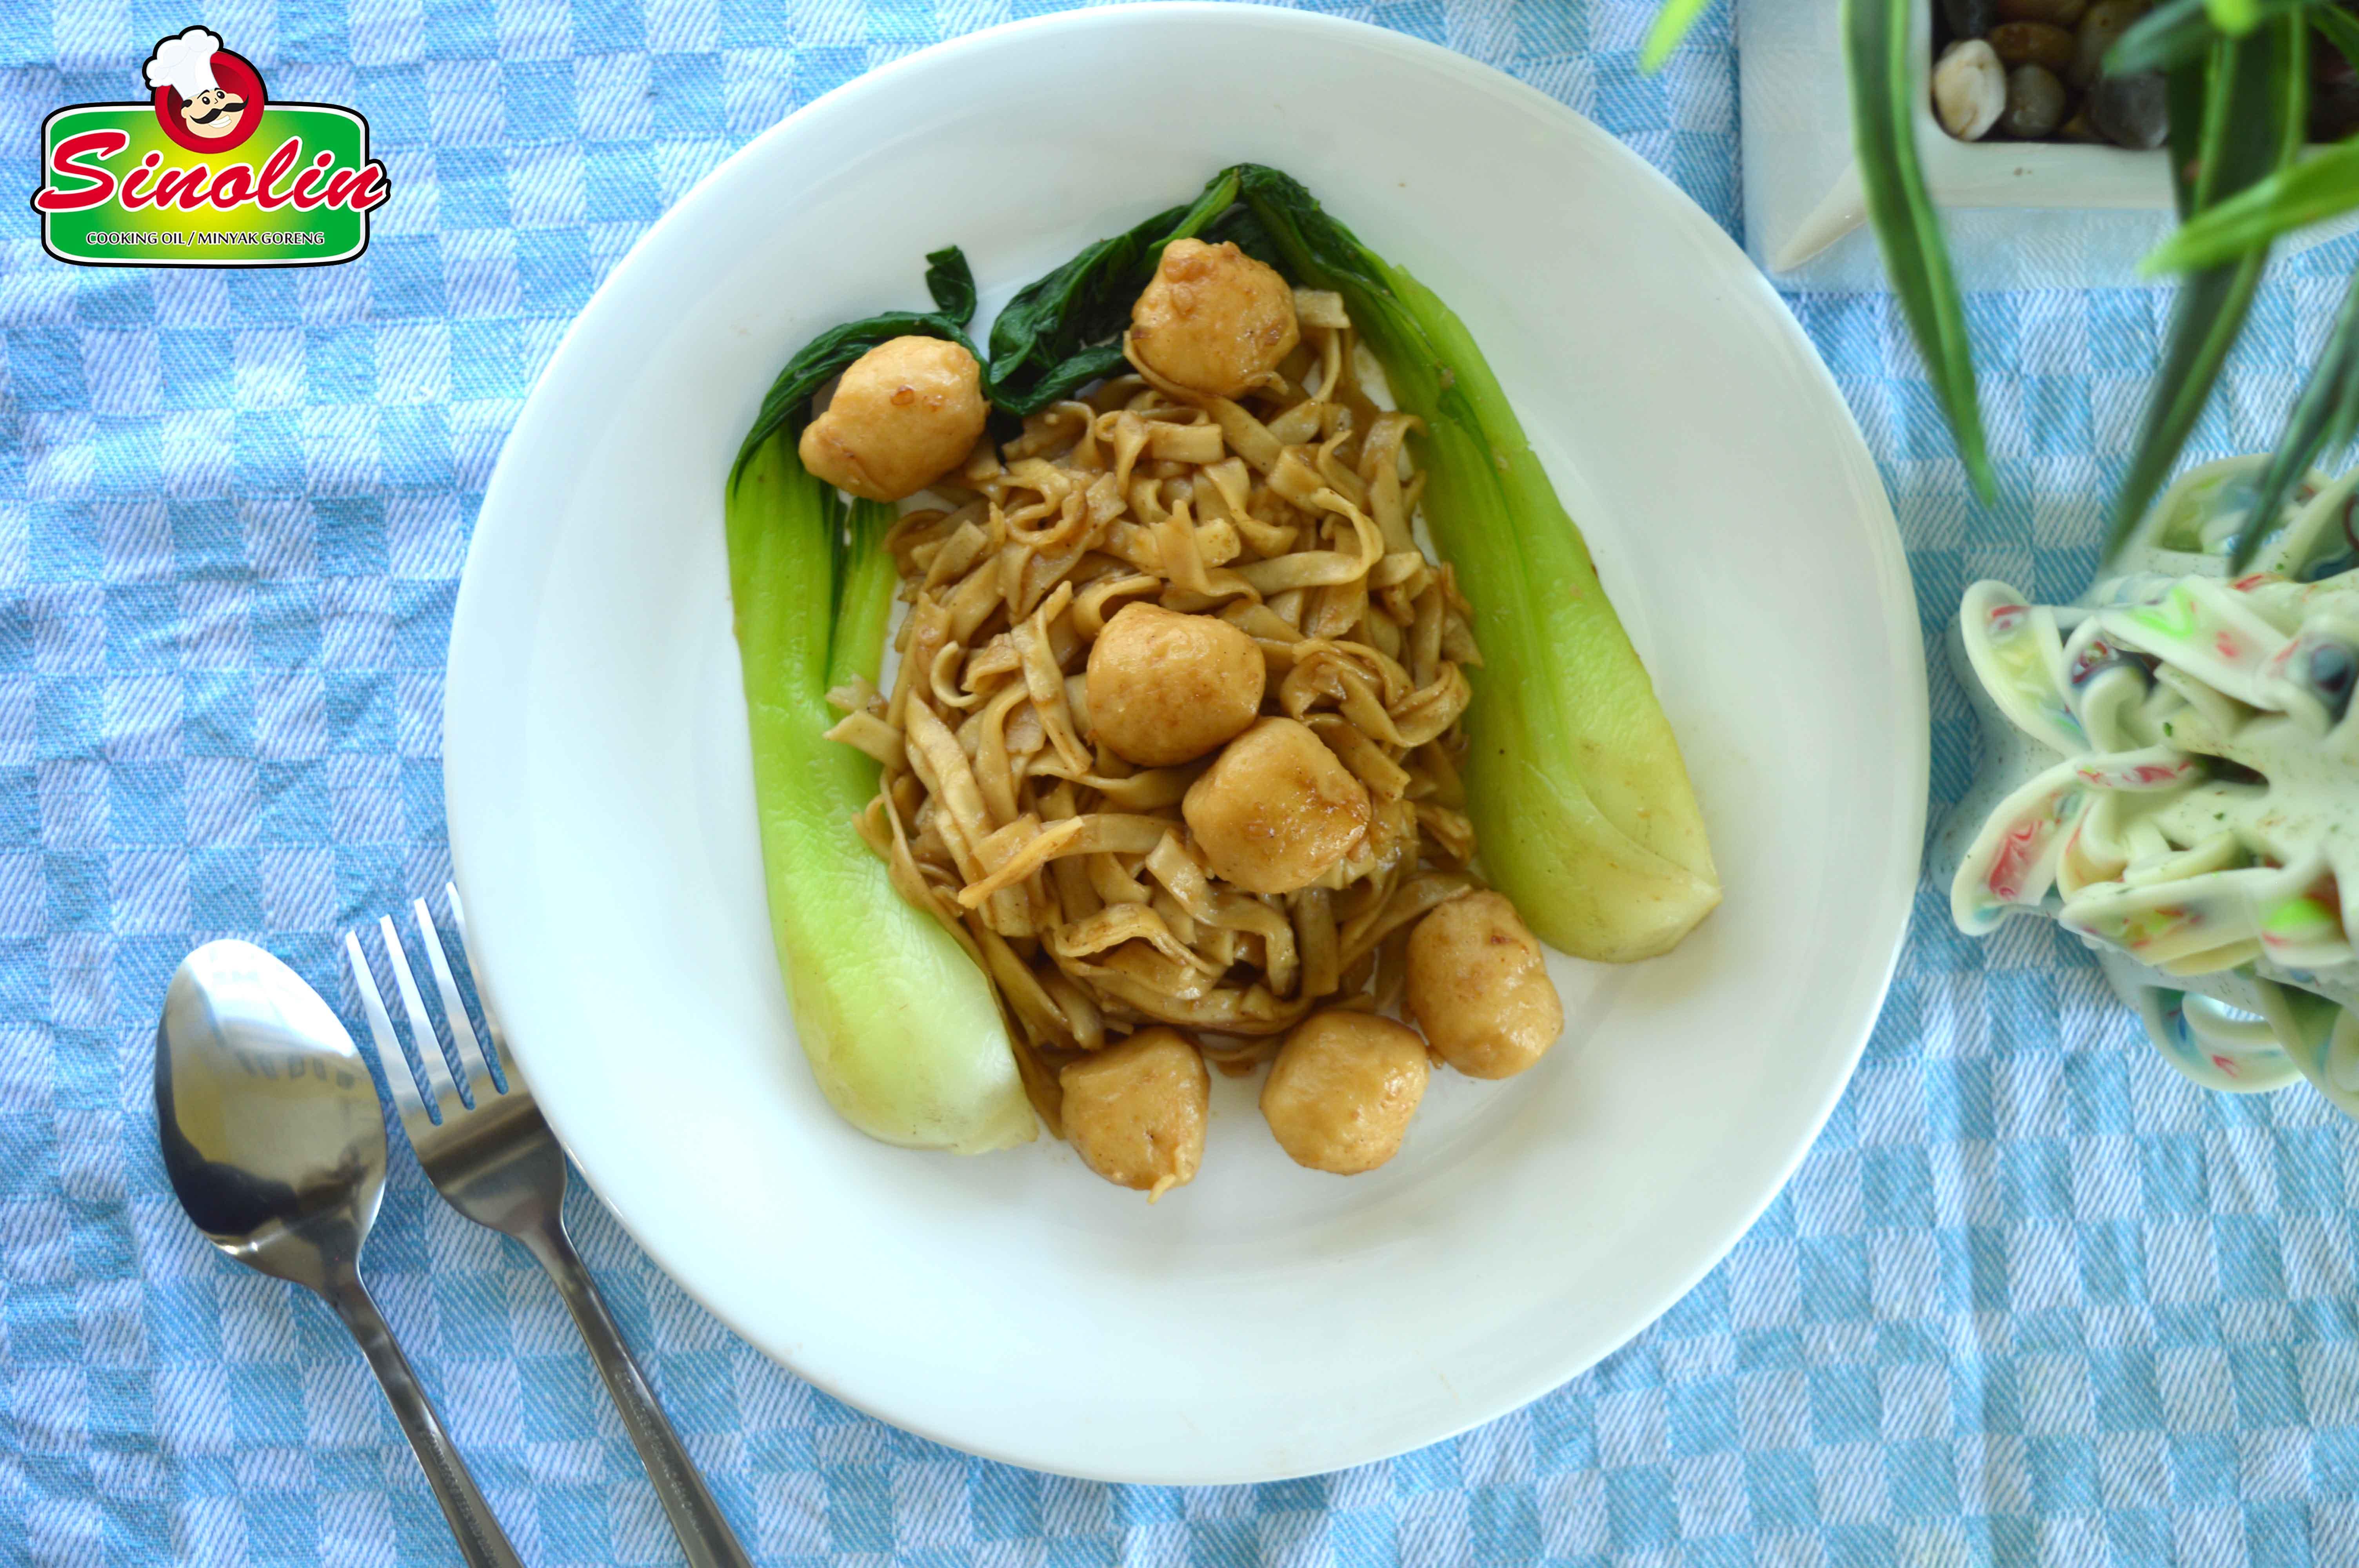 Teriyaki dengan Pak Choy dan Mie oleh Dapur Sinolin